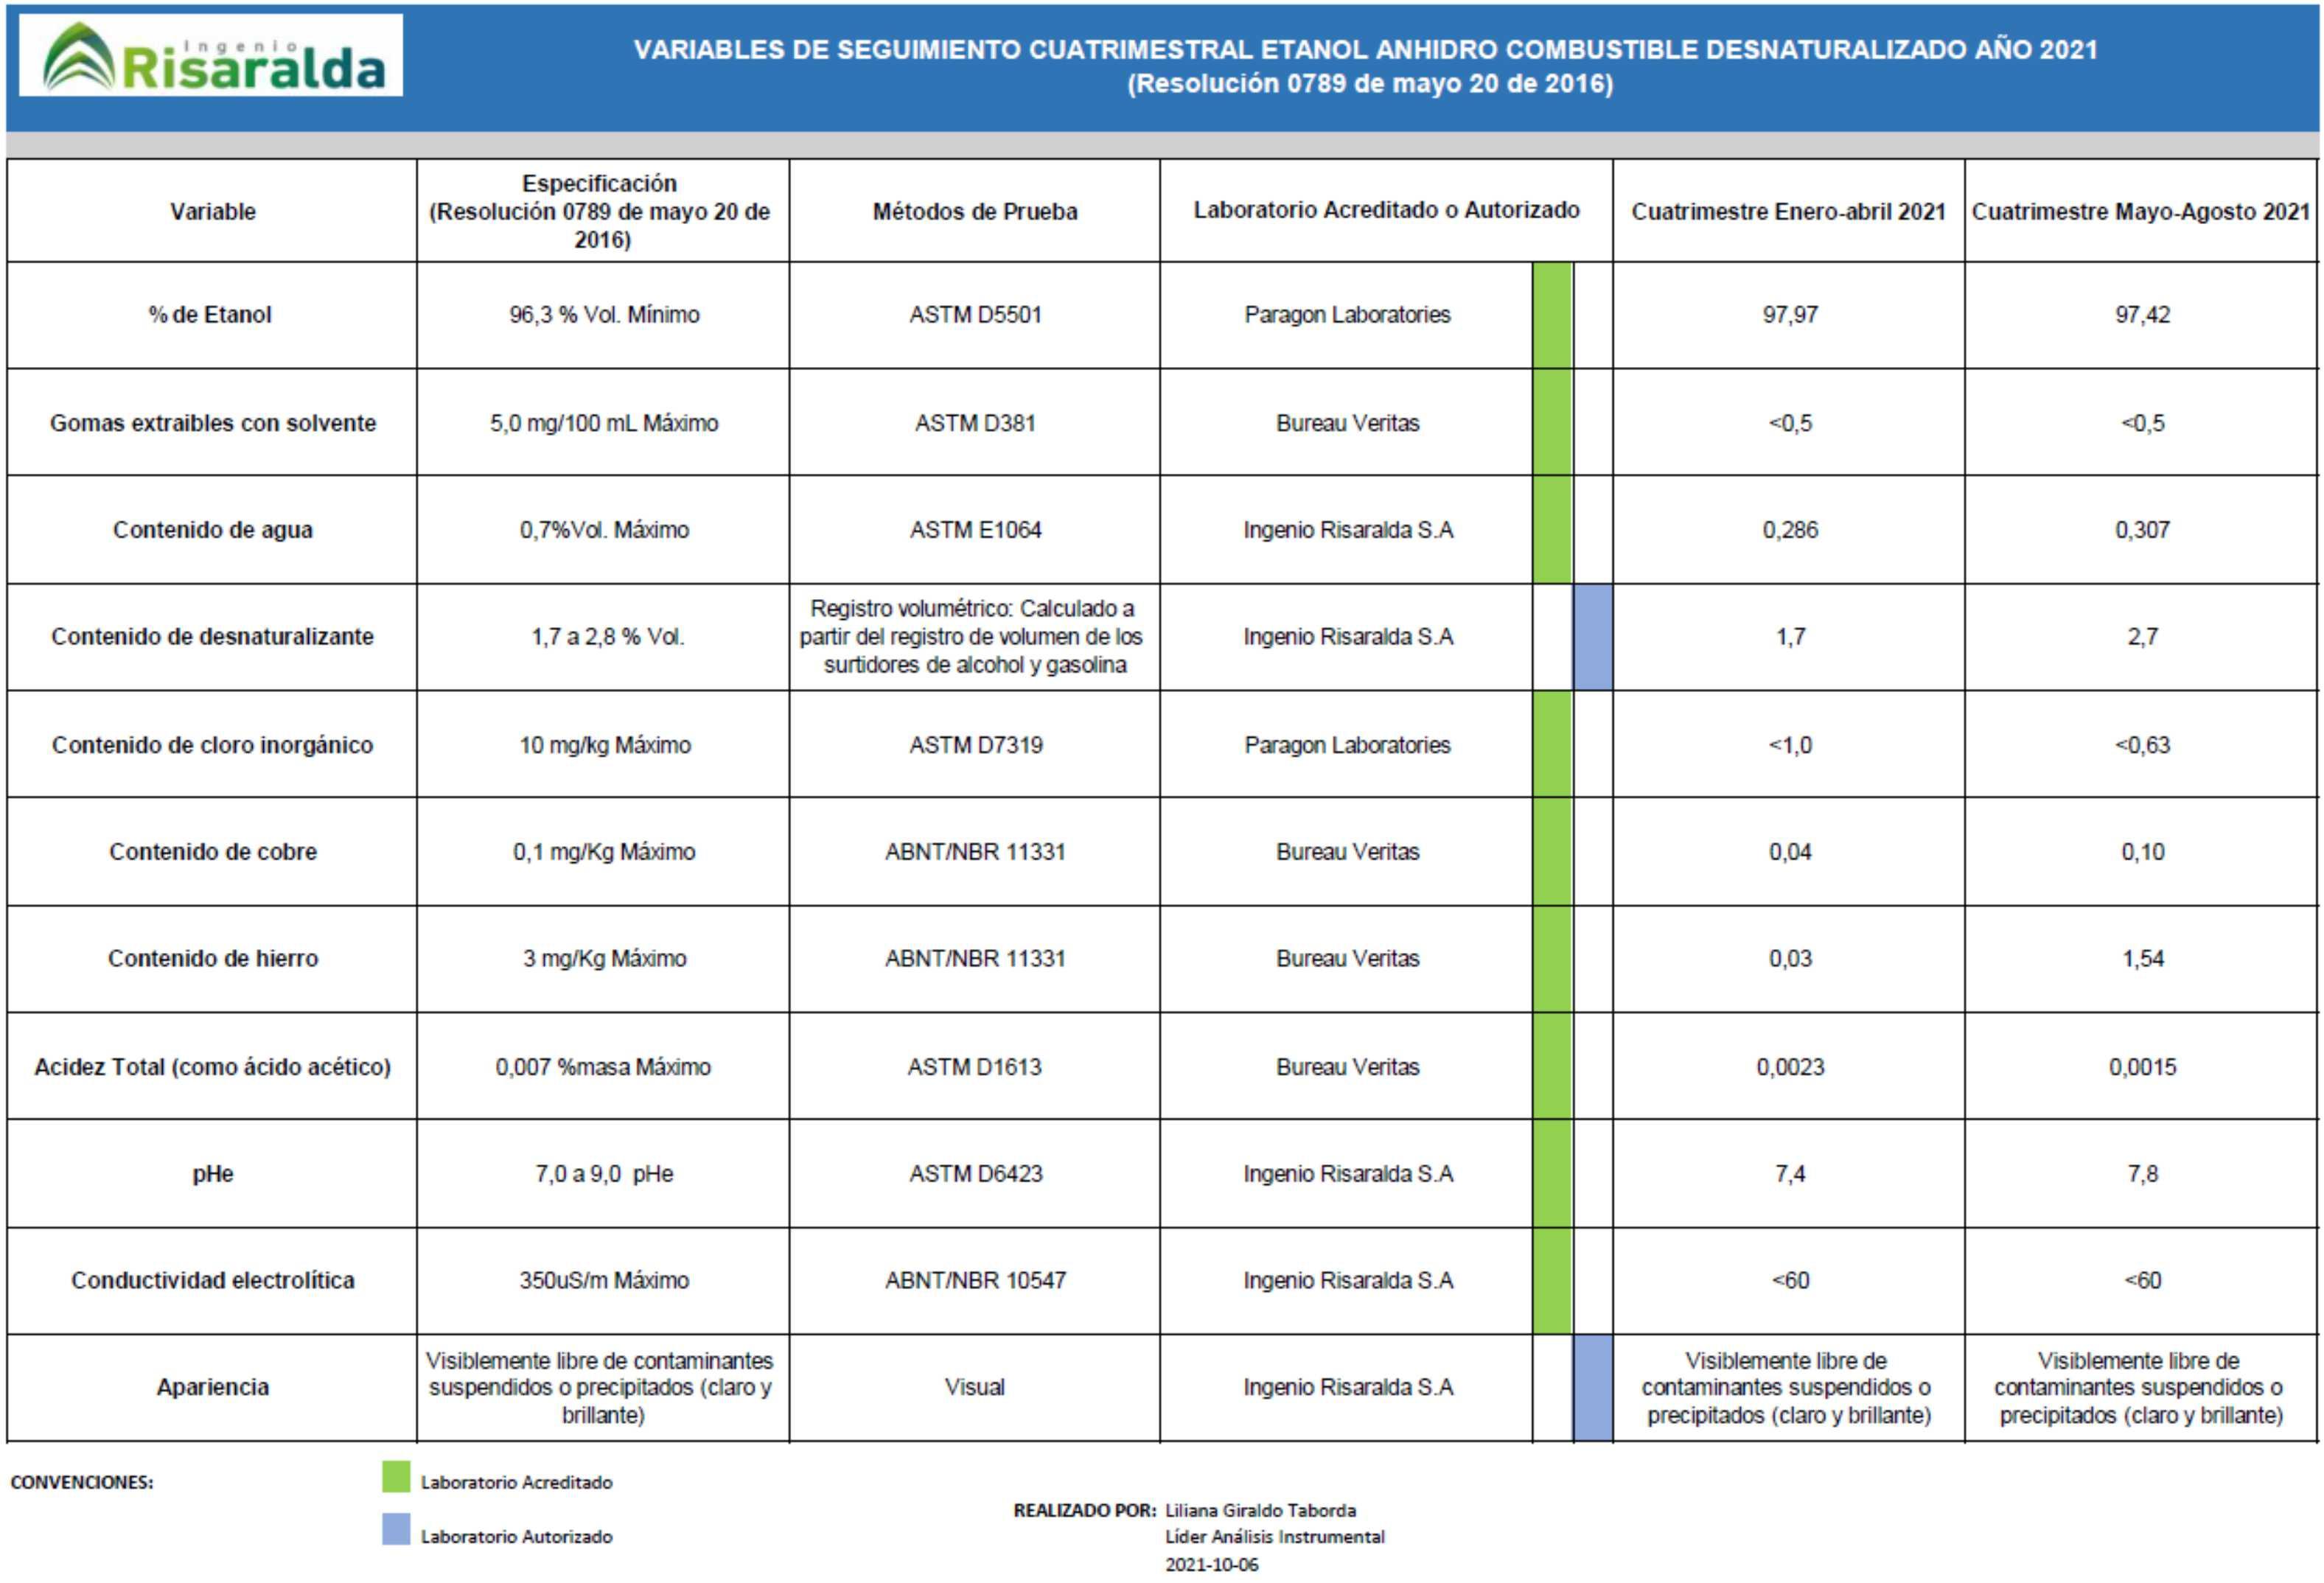 VARIABLES DE SEGUIMIENTO CUATRIMESTRAL ETANOL ANHIDRO COMBUSTIBLE DESNATURALIZADO 2DO CUATRIMESTRE AÑO 2021 - (Resolución 0789 de mayo 20 de 2016)